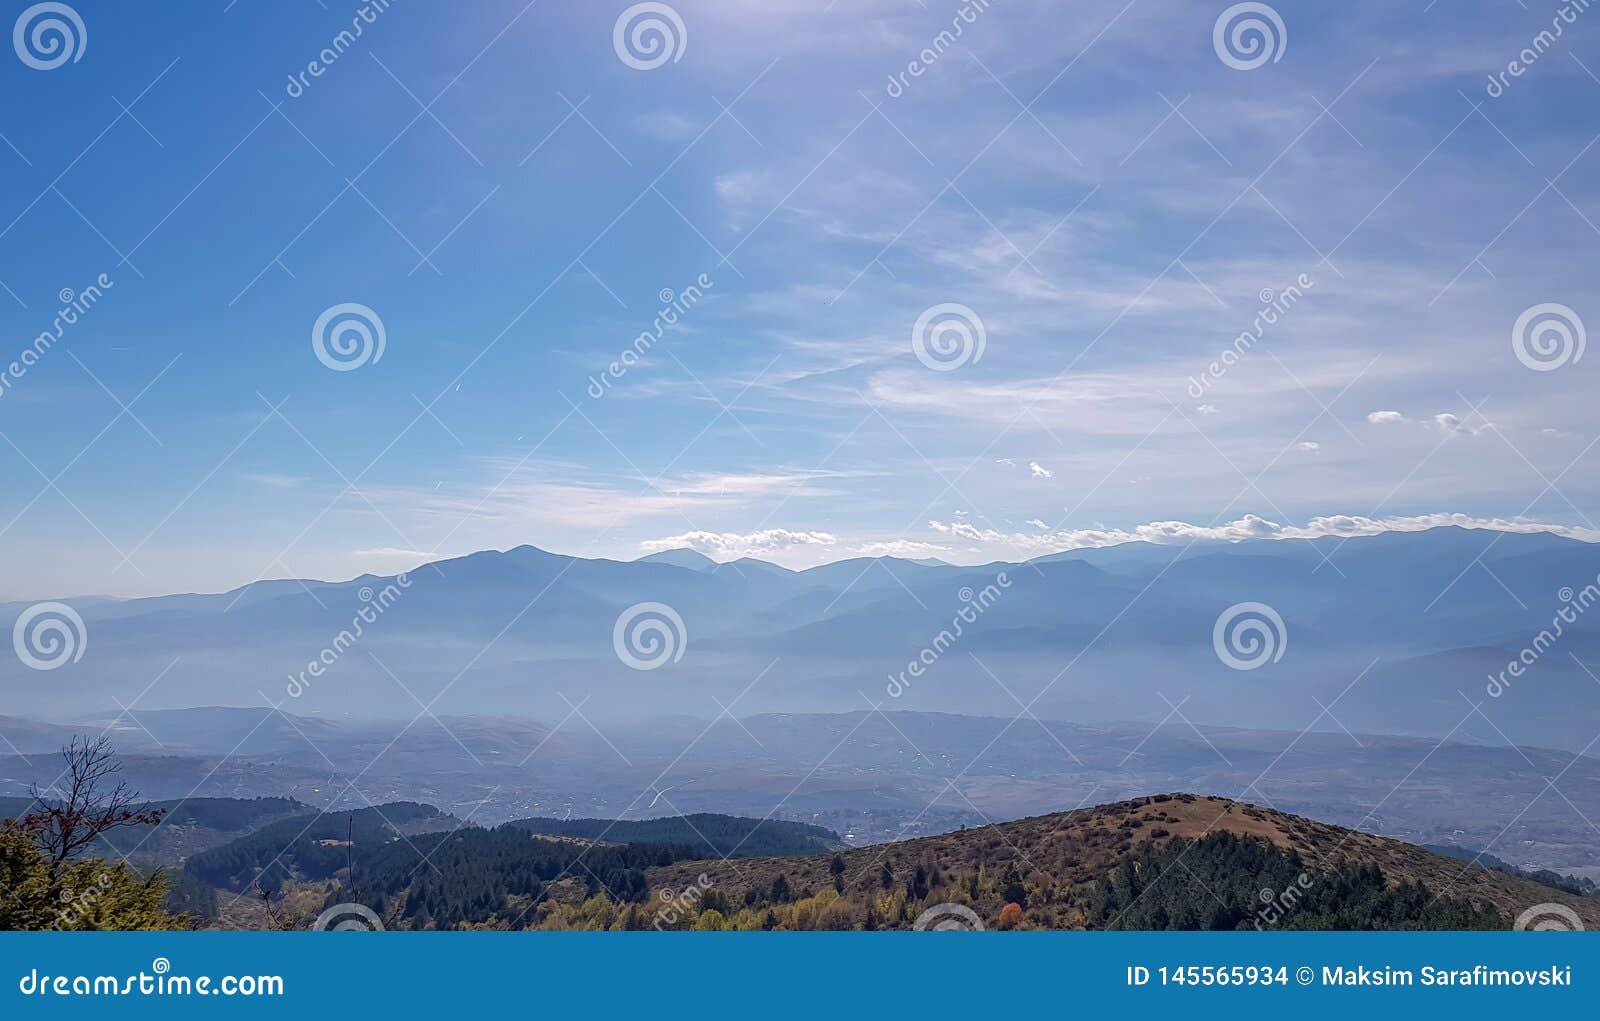 Силуэт гор через туман с красивым горизонтом